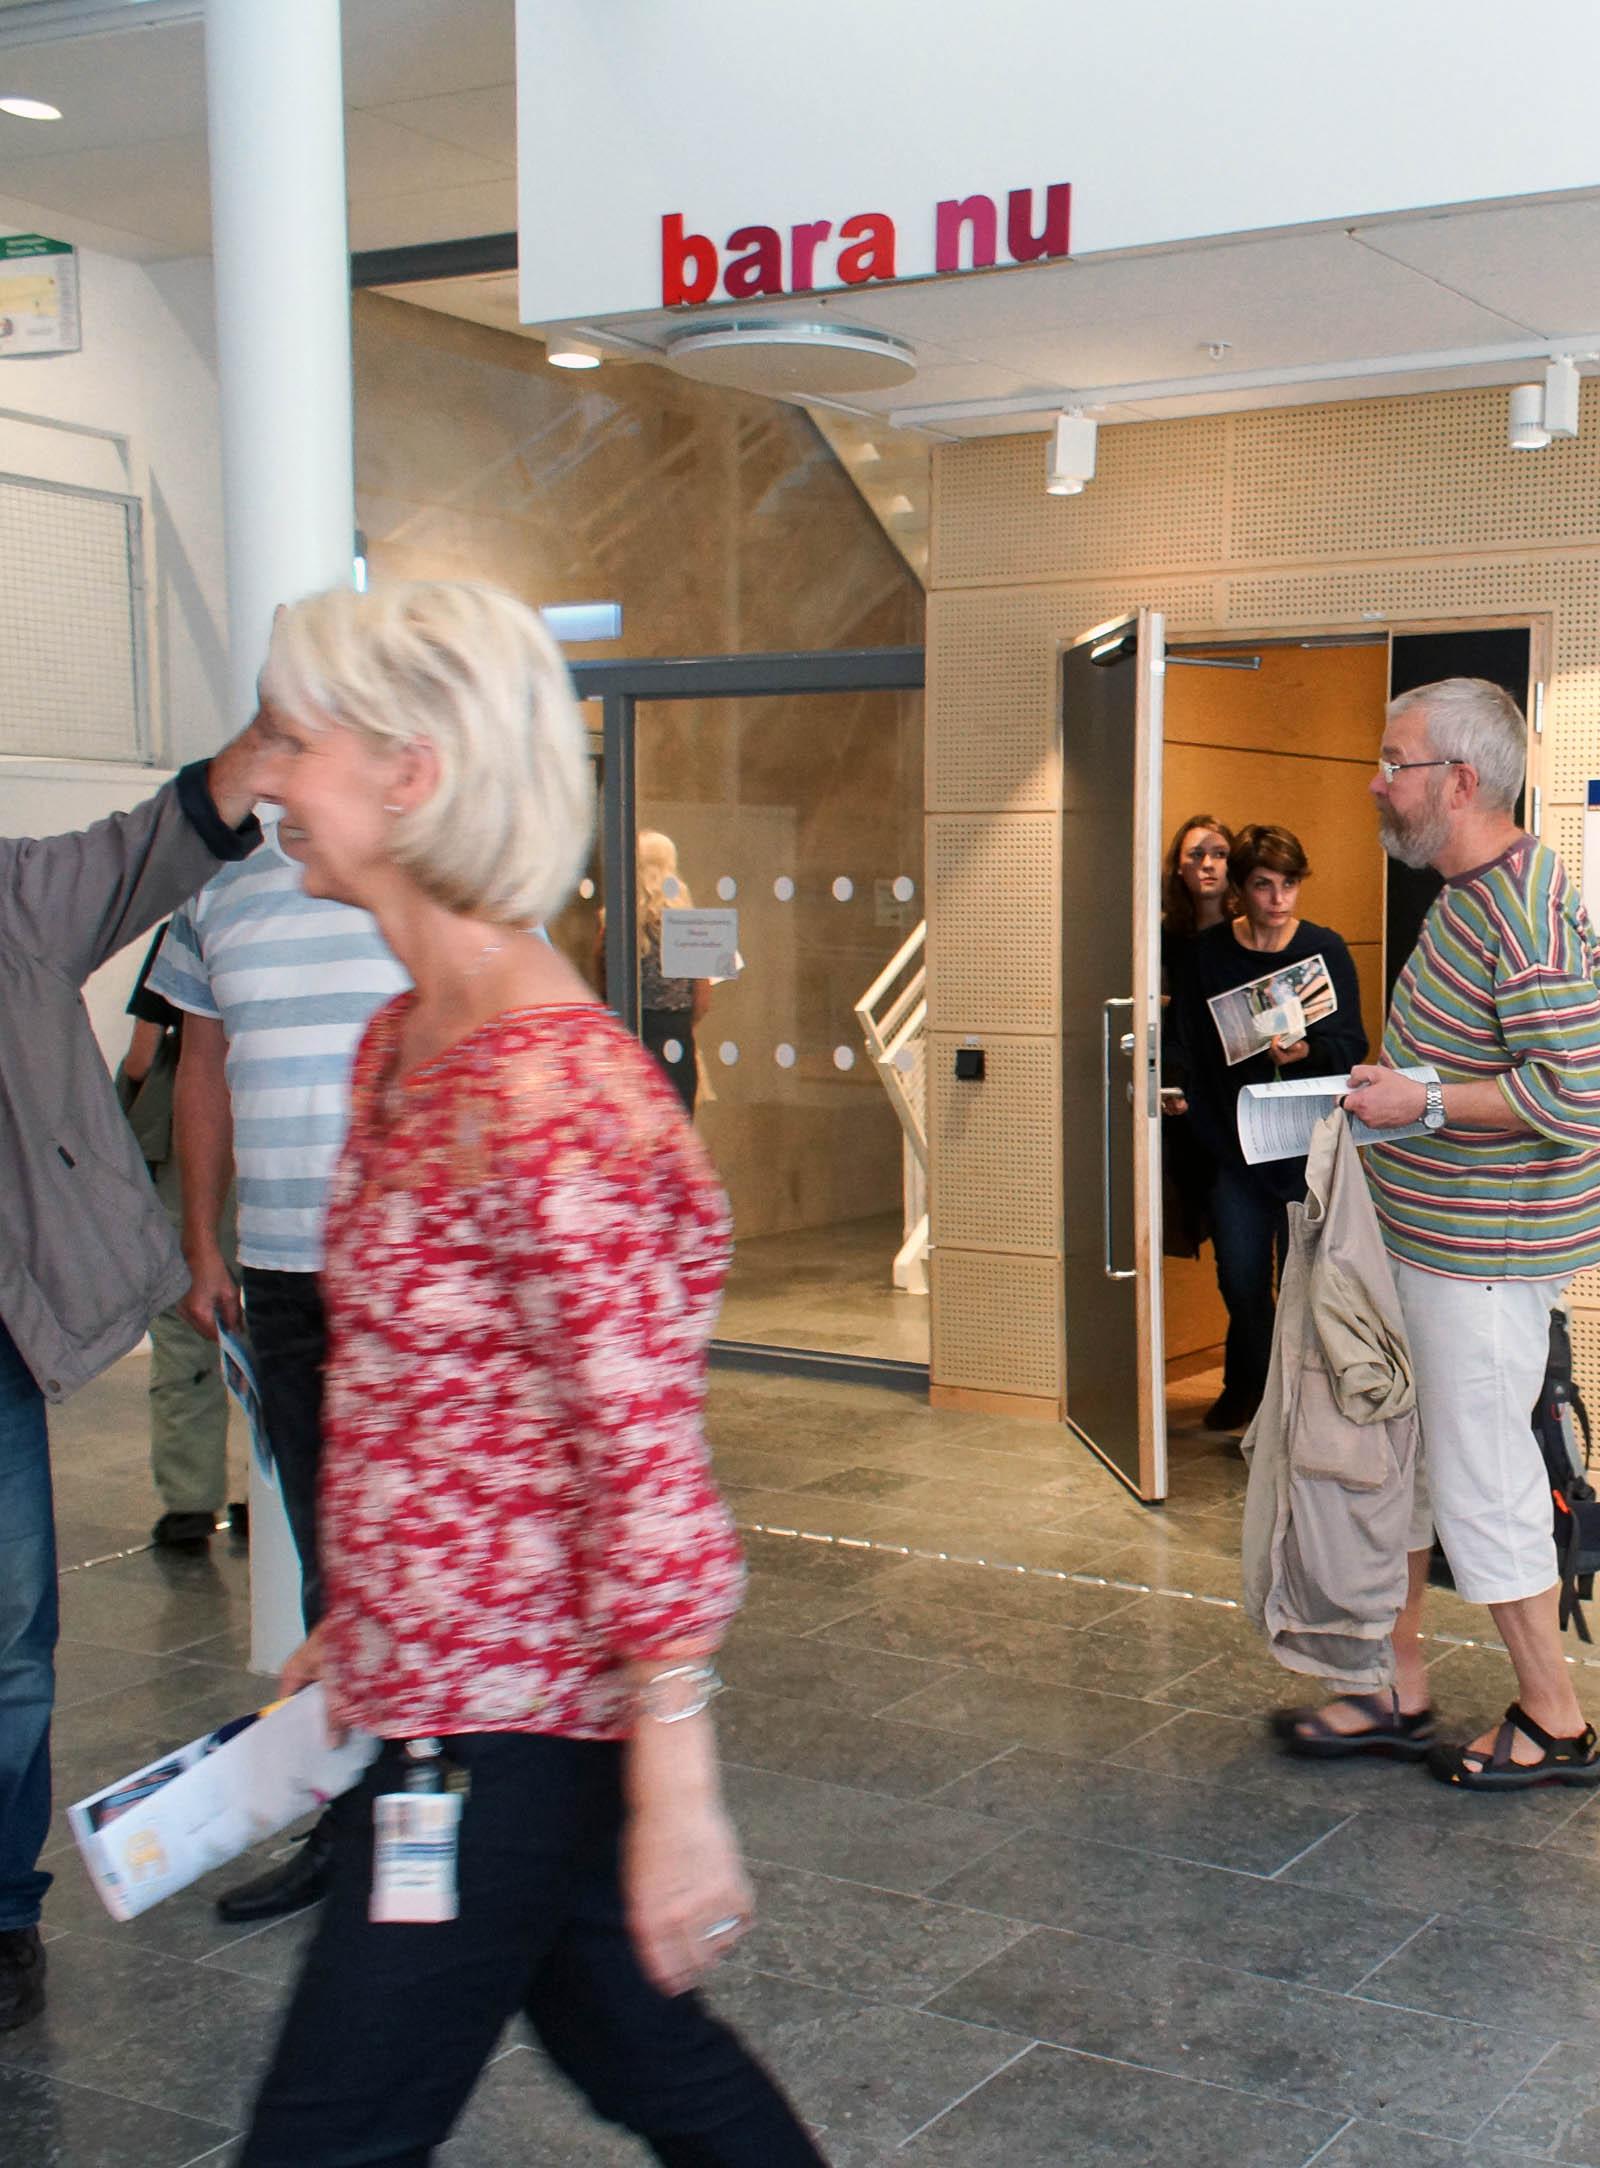 """Människor i en korridor och på väg ut ur ett trapphus. På den vita väggen ovanför dörren står med röda bokstäver orden: """"bara nu"""". Annika Ström, men vänta nu, 2014."""